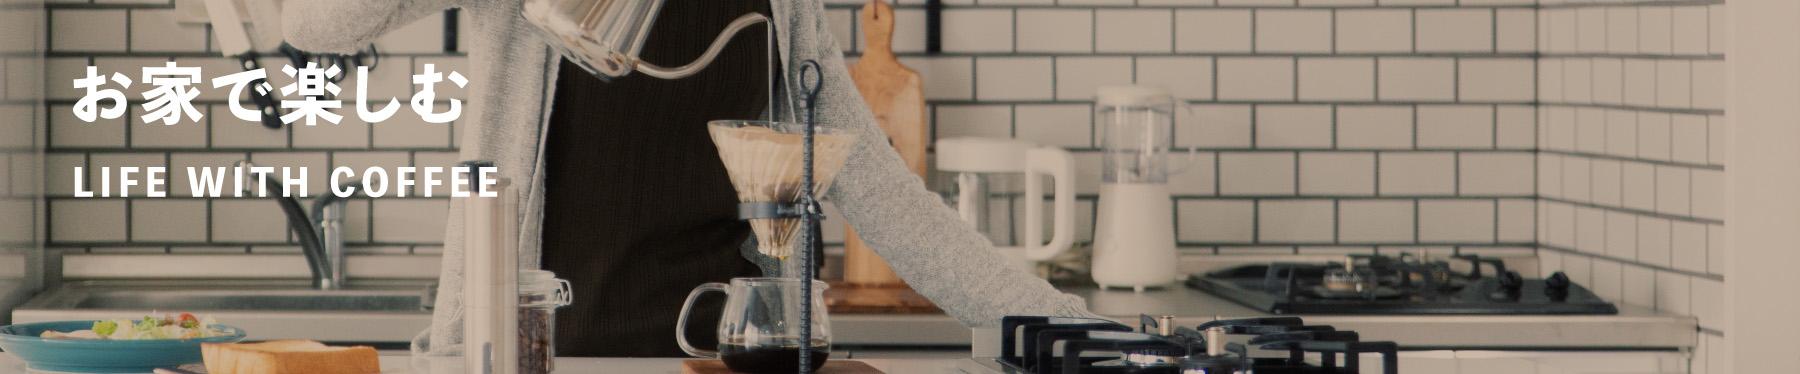 お家で楽しむ LIFE WITH COFFEE